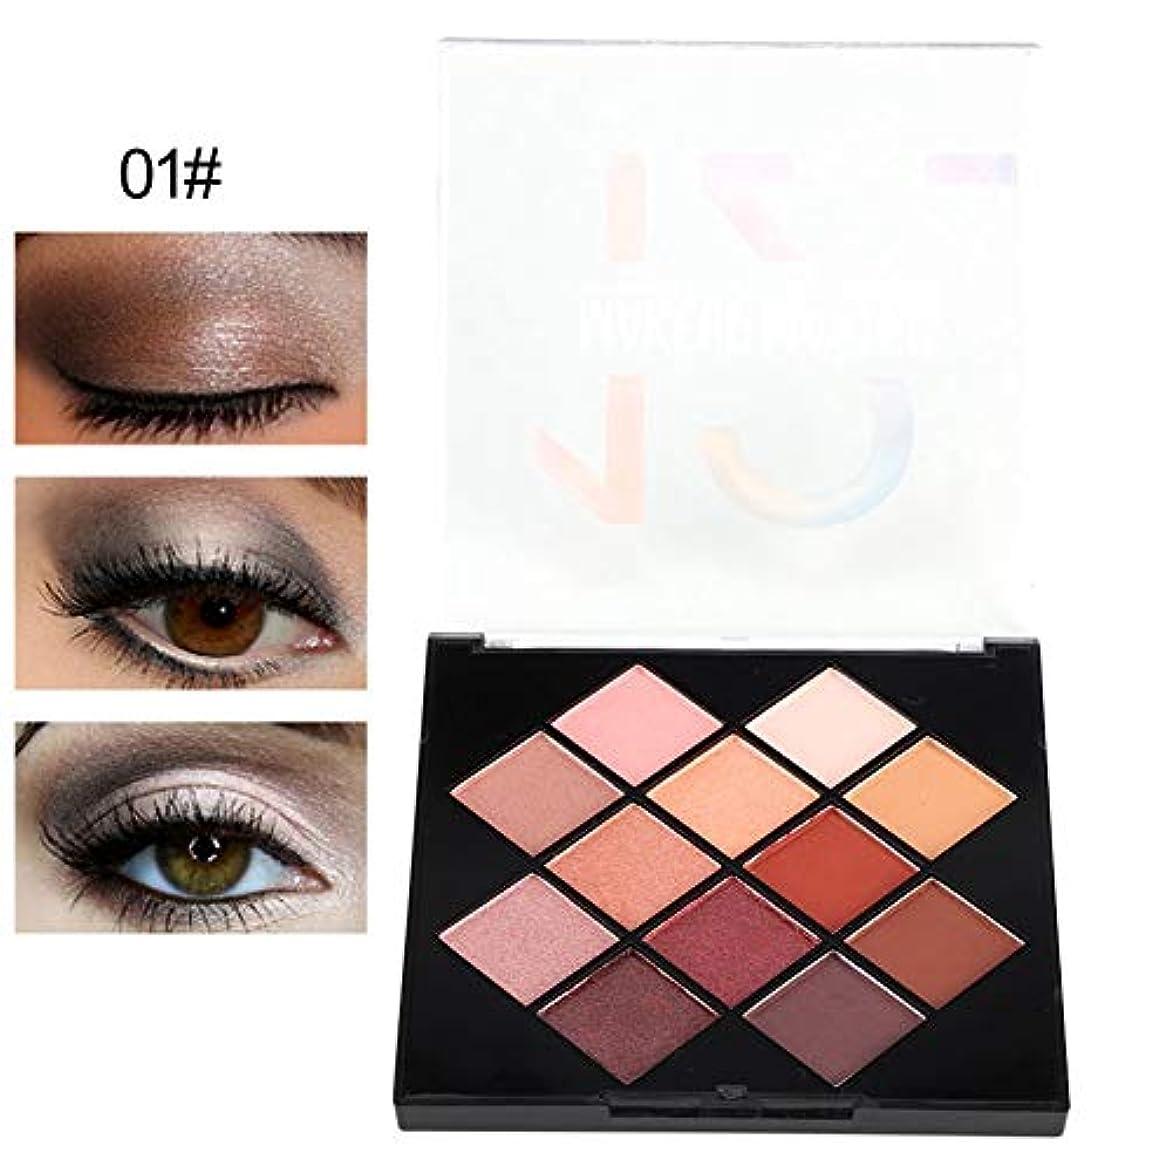 ひそかに成功した良さアイシャドウパレット 12色 化粧マット 化粧品ツール グロス アイシャドウパウダー (01)